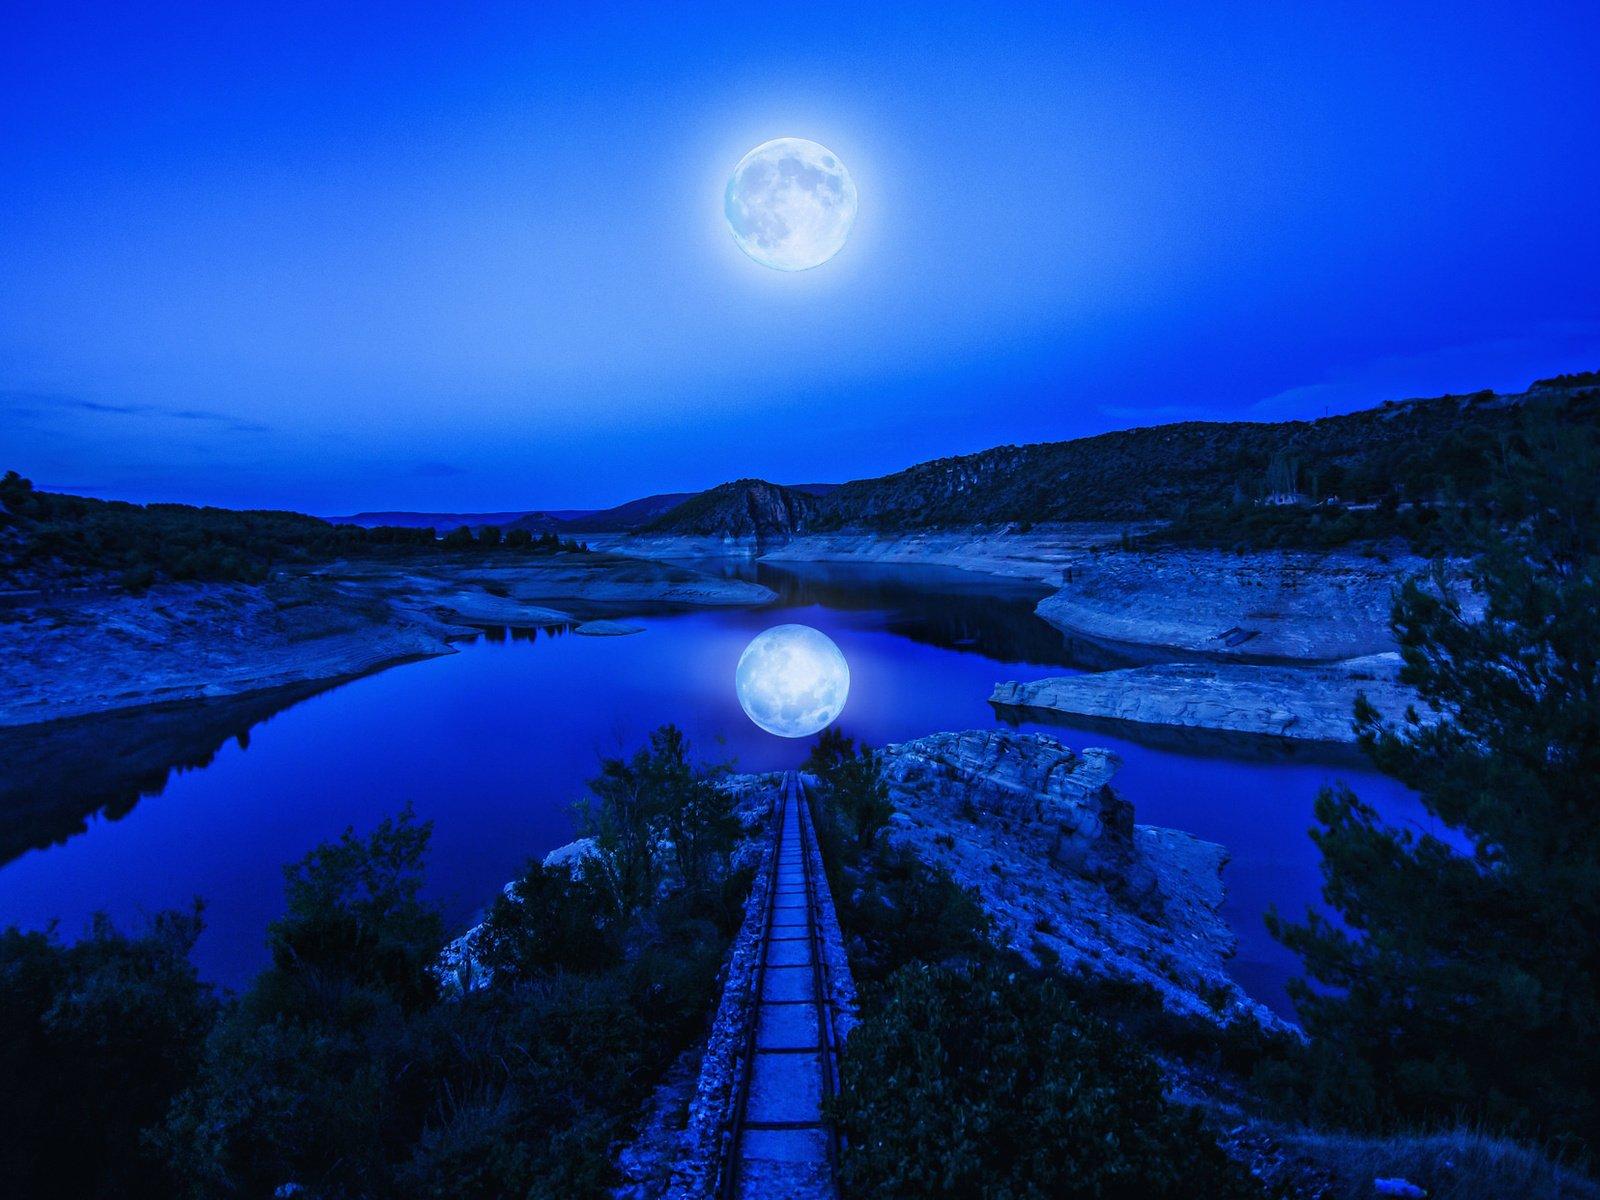 человек как фотографировать пейзаж с луной использование темных цветов